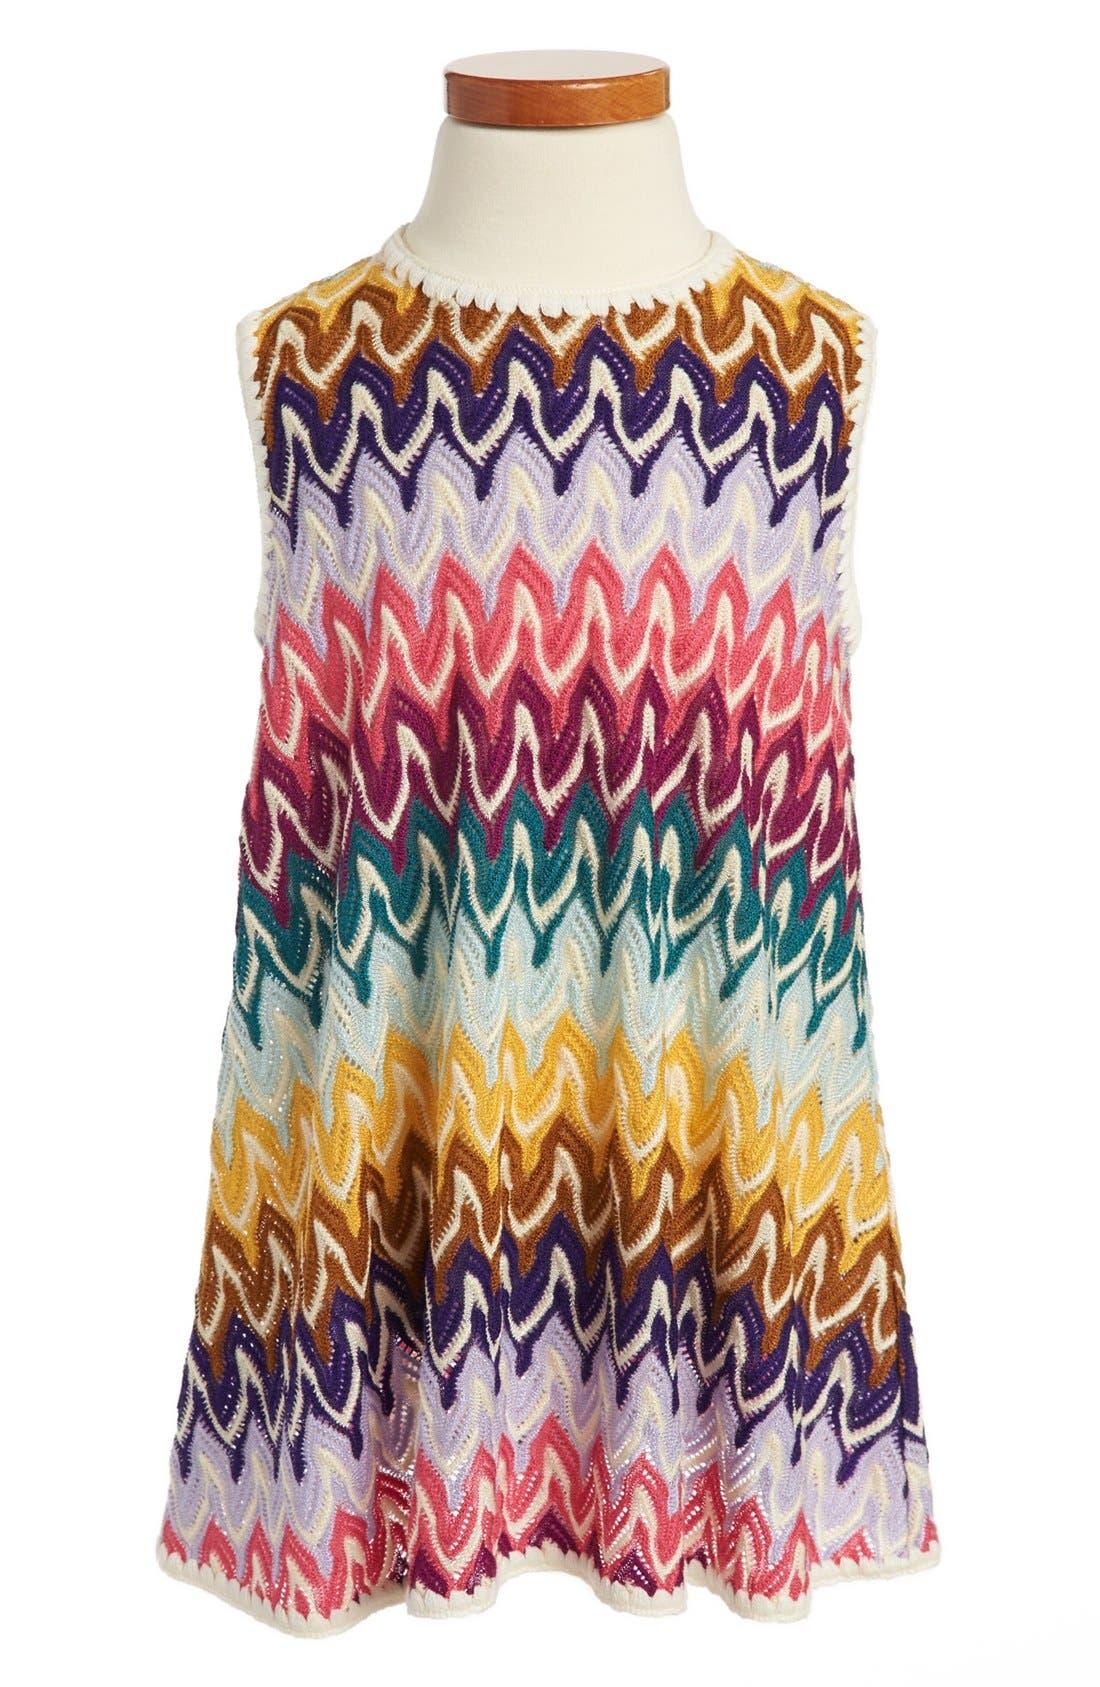 Alternate Image 1 Selected - Missoni Sleeveless Crochet Dress (Toddler Girls, Little Girls & Big Girls)